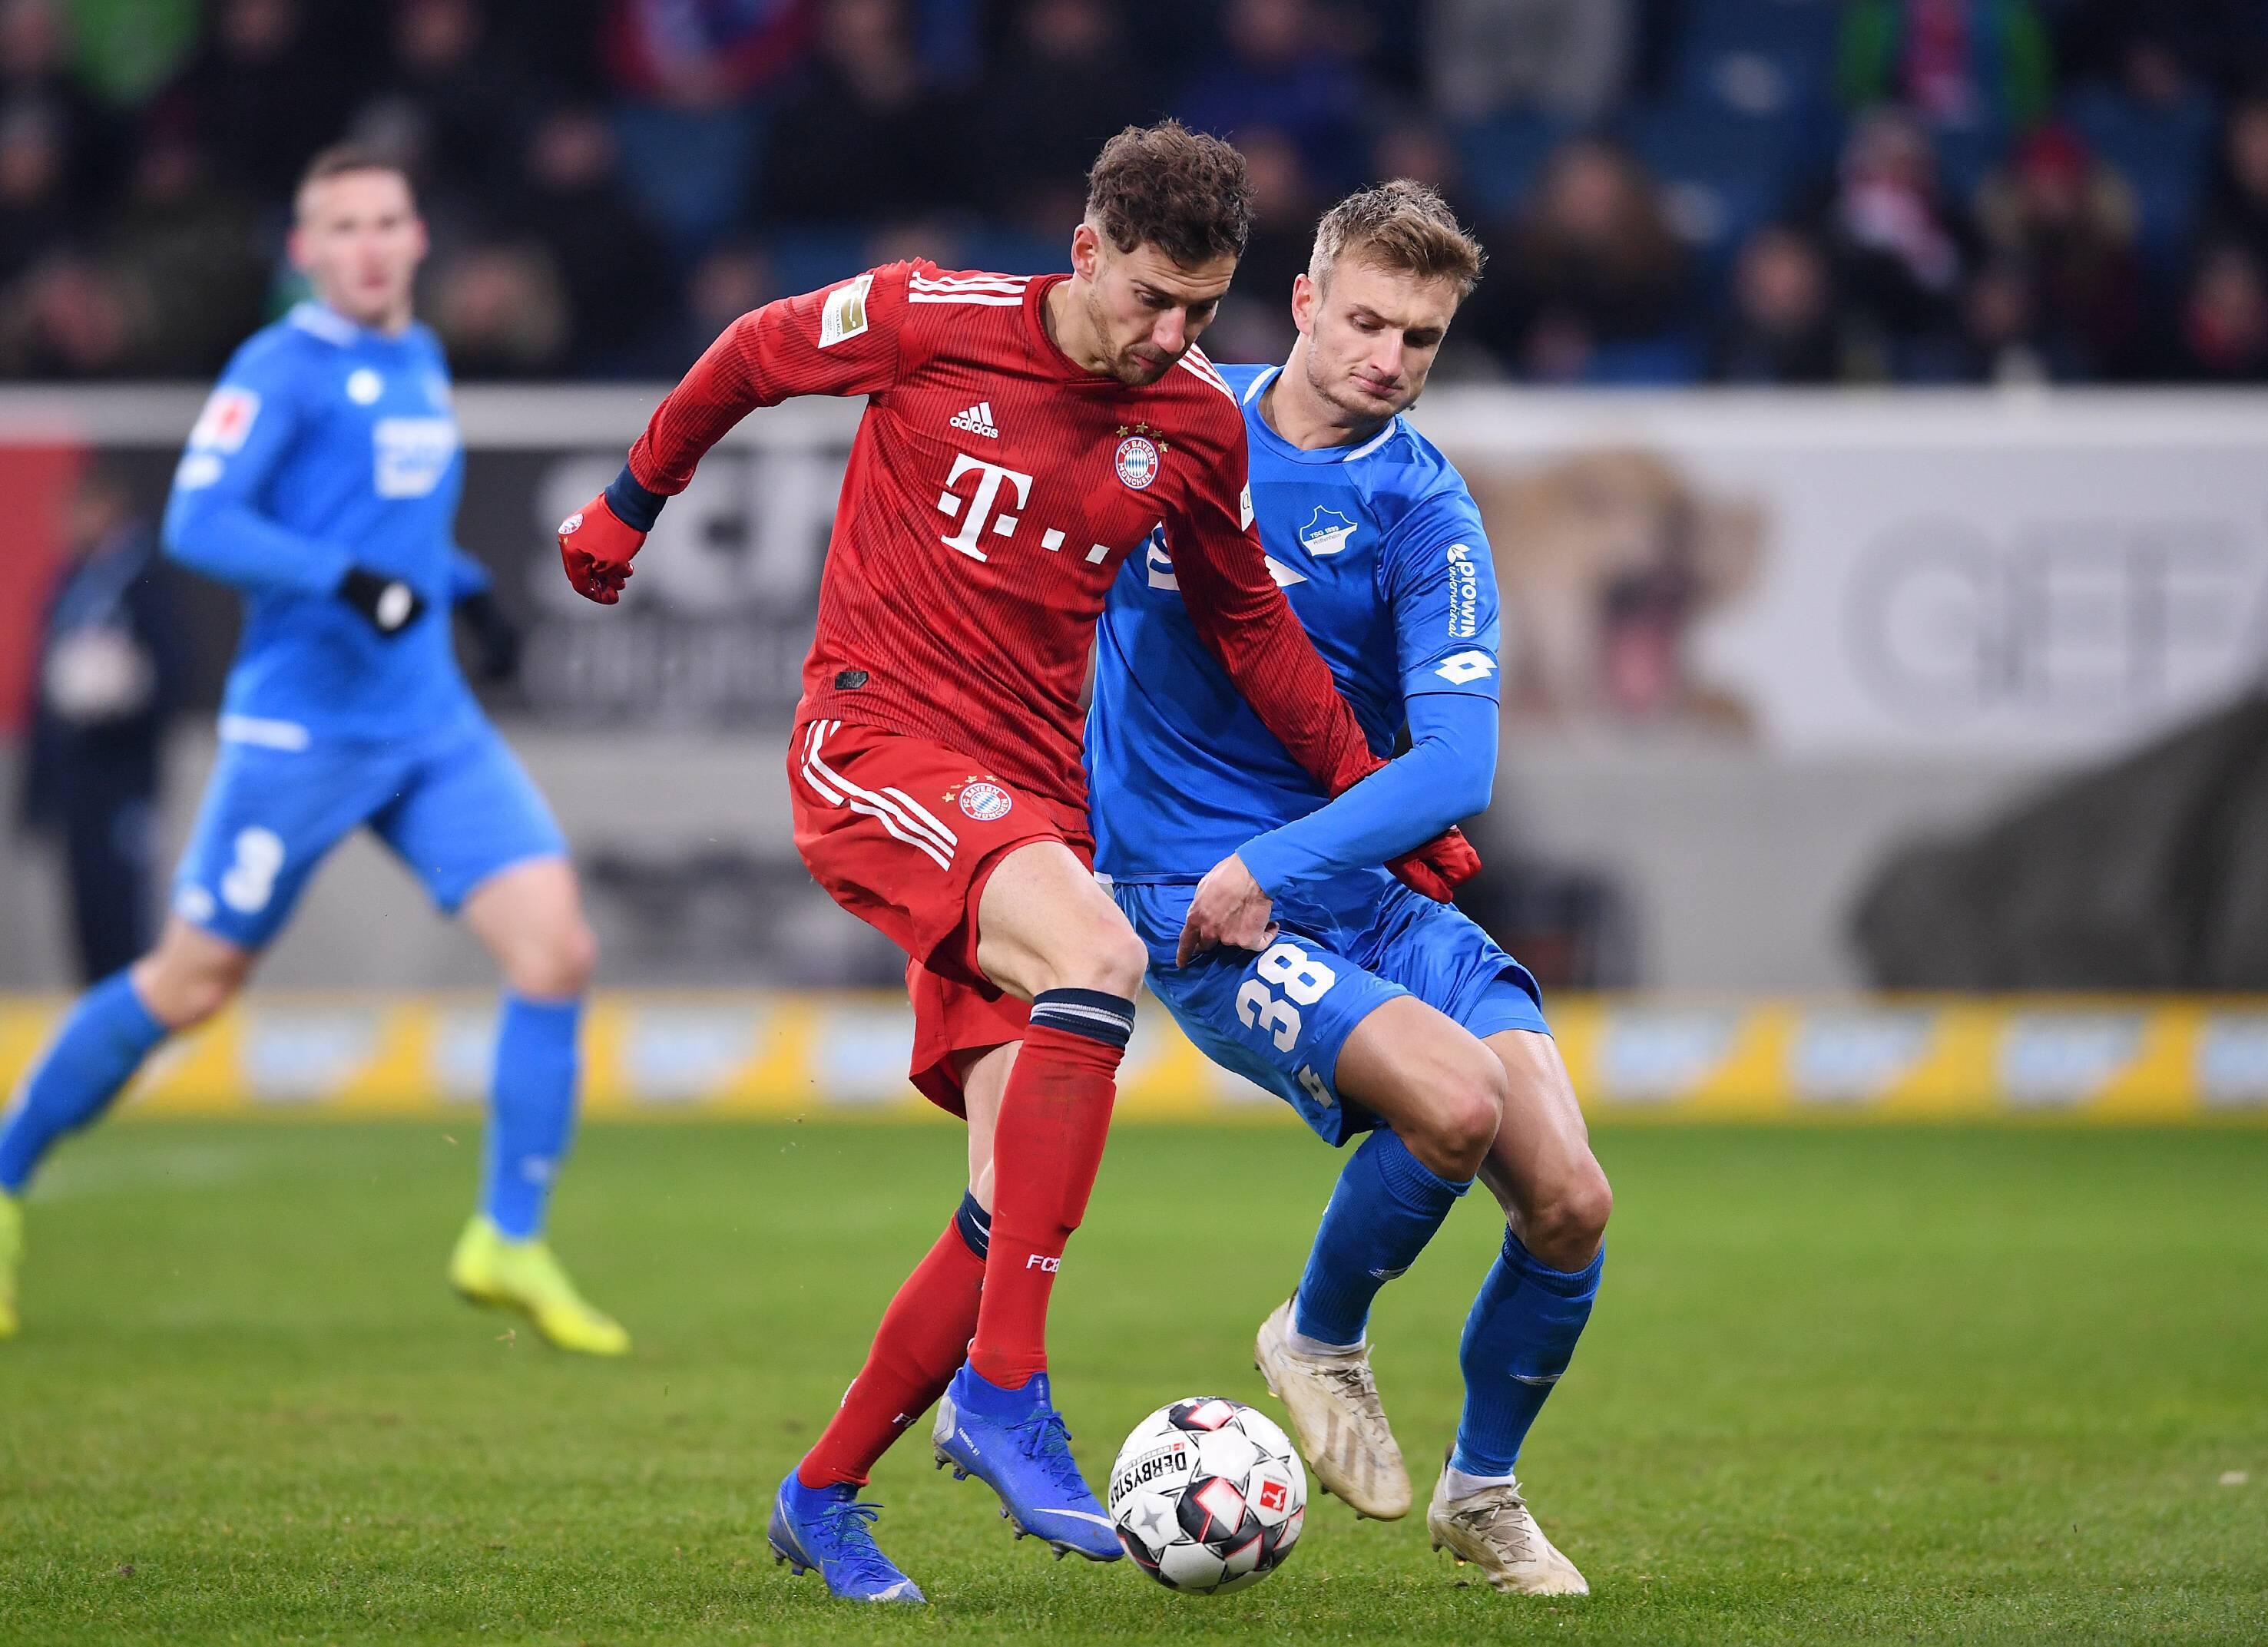 Bild zu Fußball, Bundesliga, Hoffenheim, Bayern, Goretzka